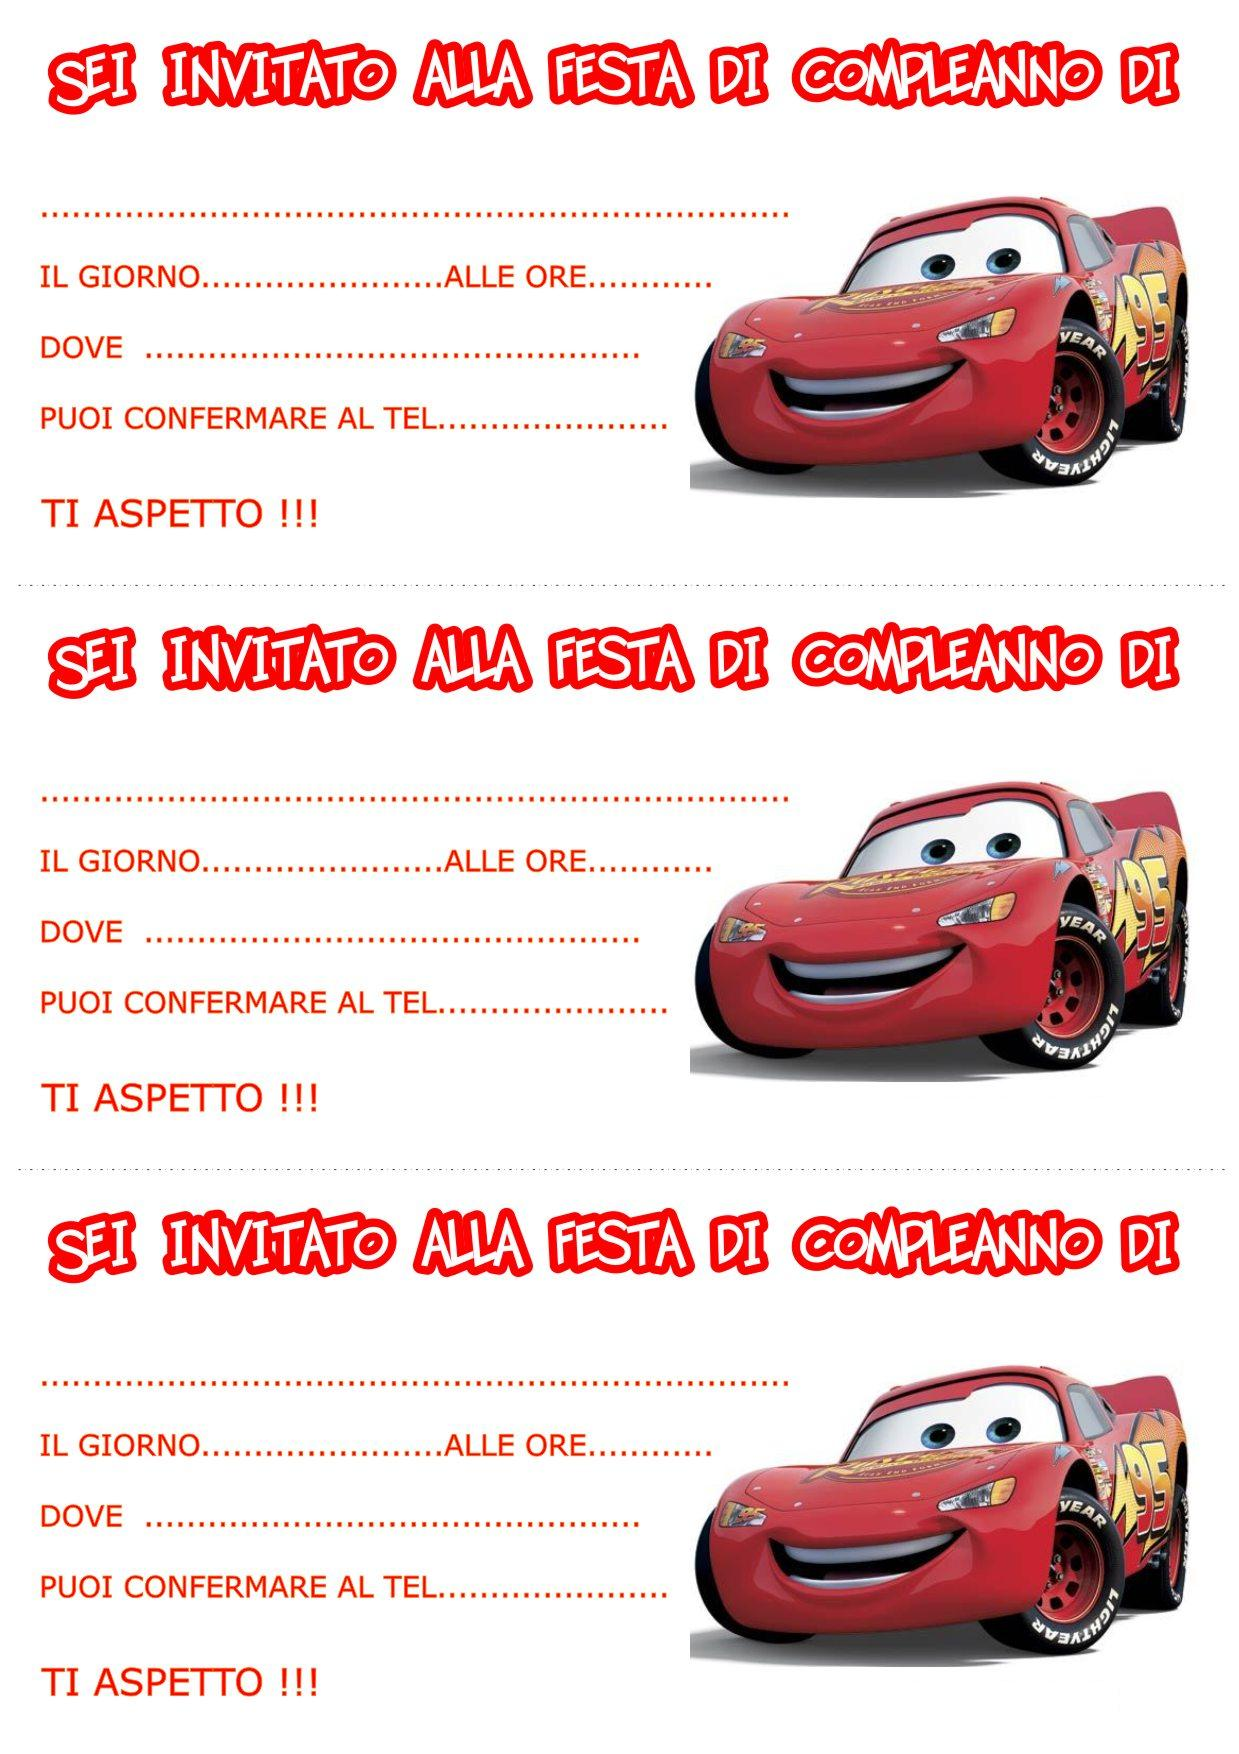 Favorito biglietti-invito-compleanni-cars mod - Bimbi di Carta JL27